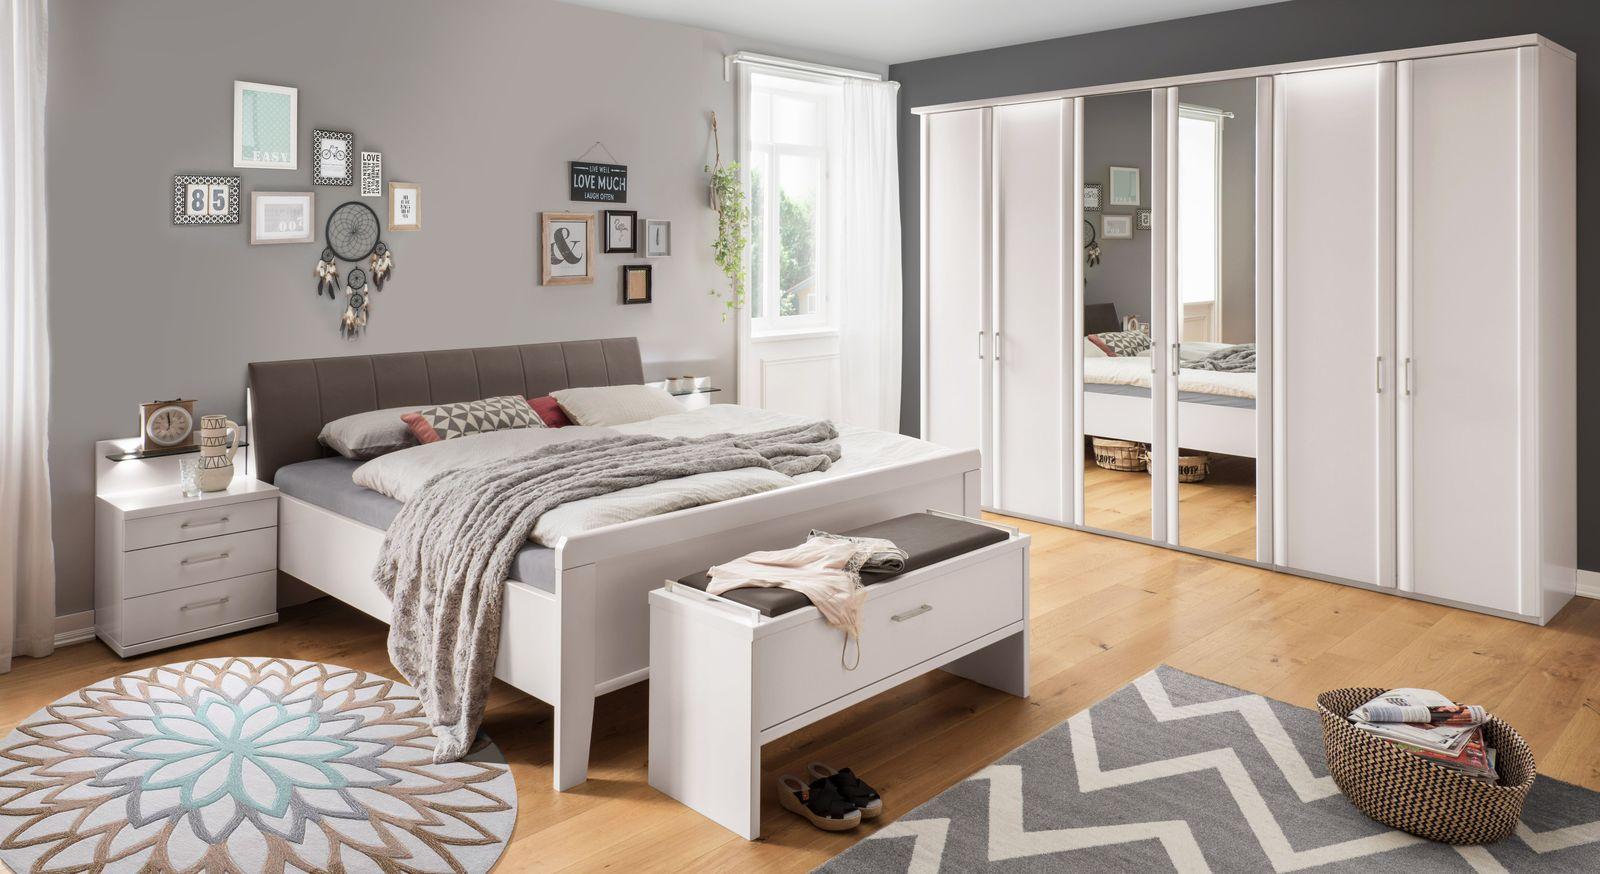 Komfort-Doppelbett Casperia mit passenden Schlafzimmermöbeln